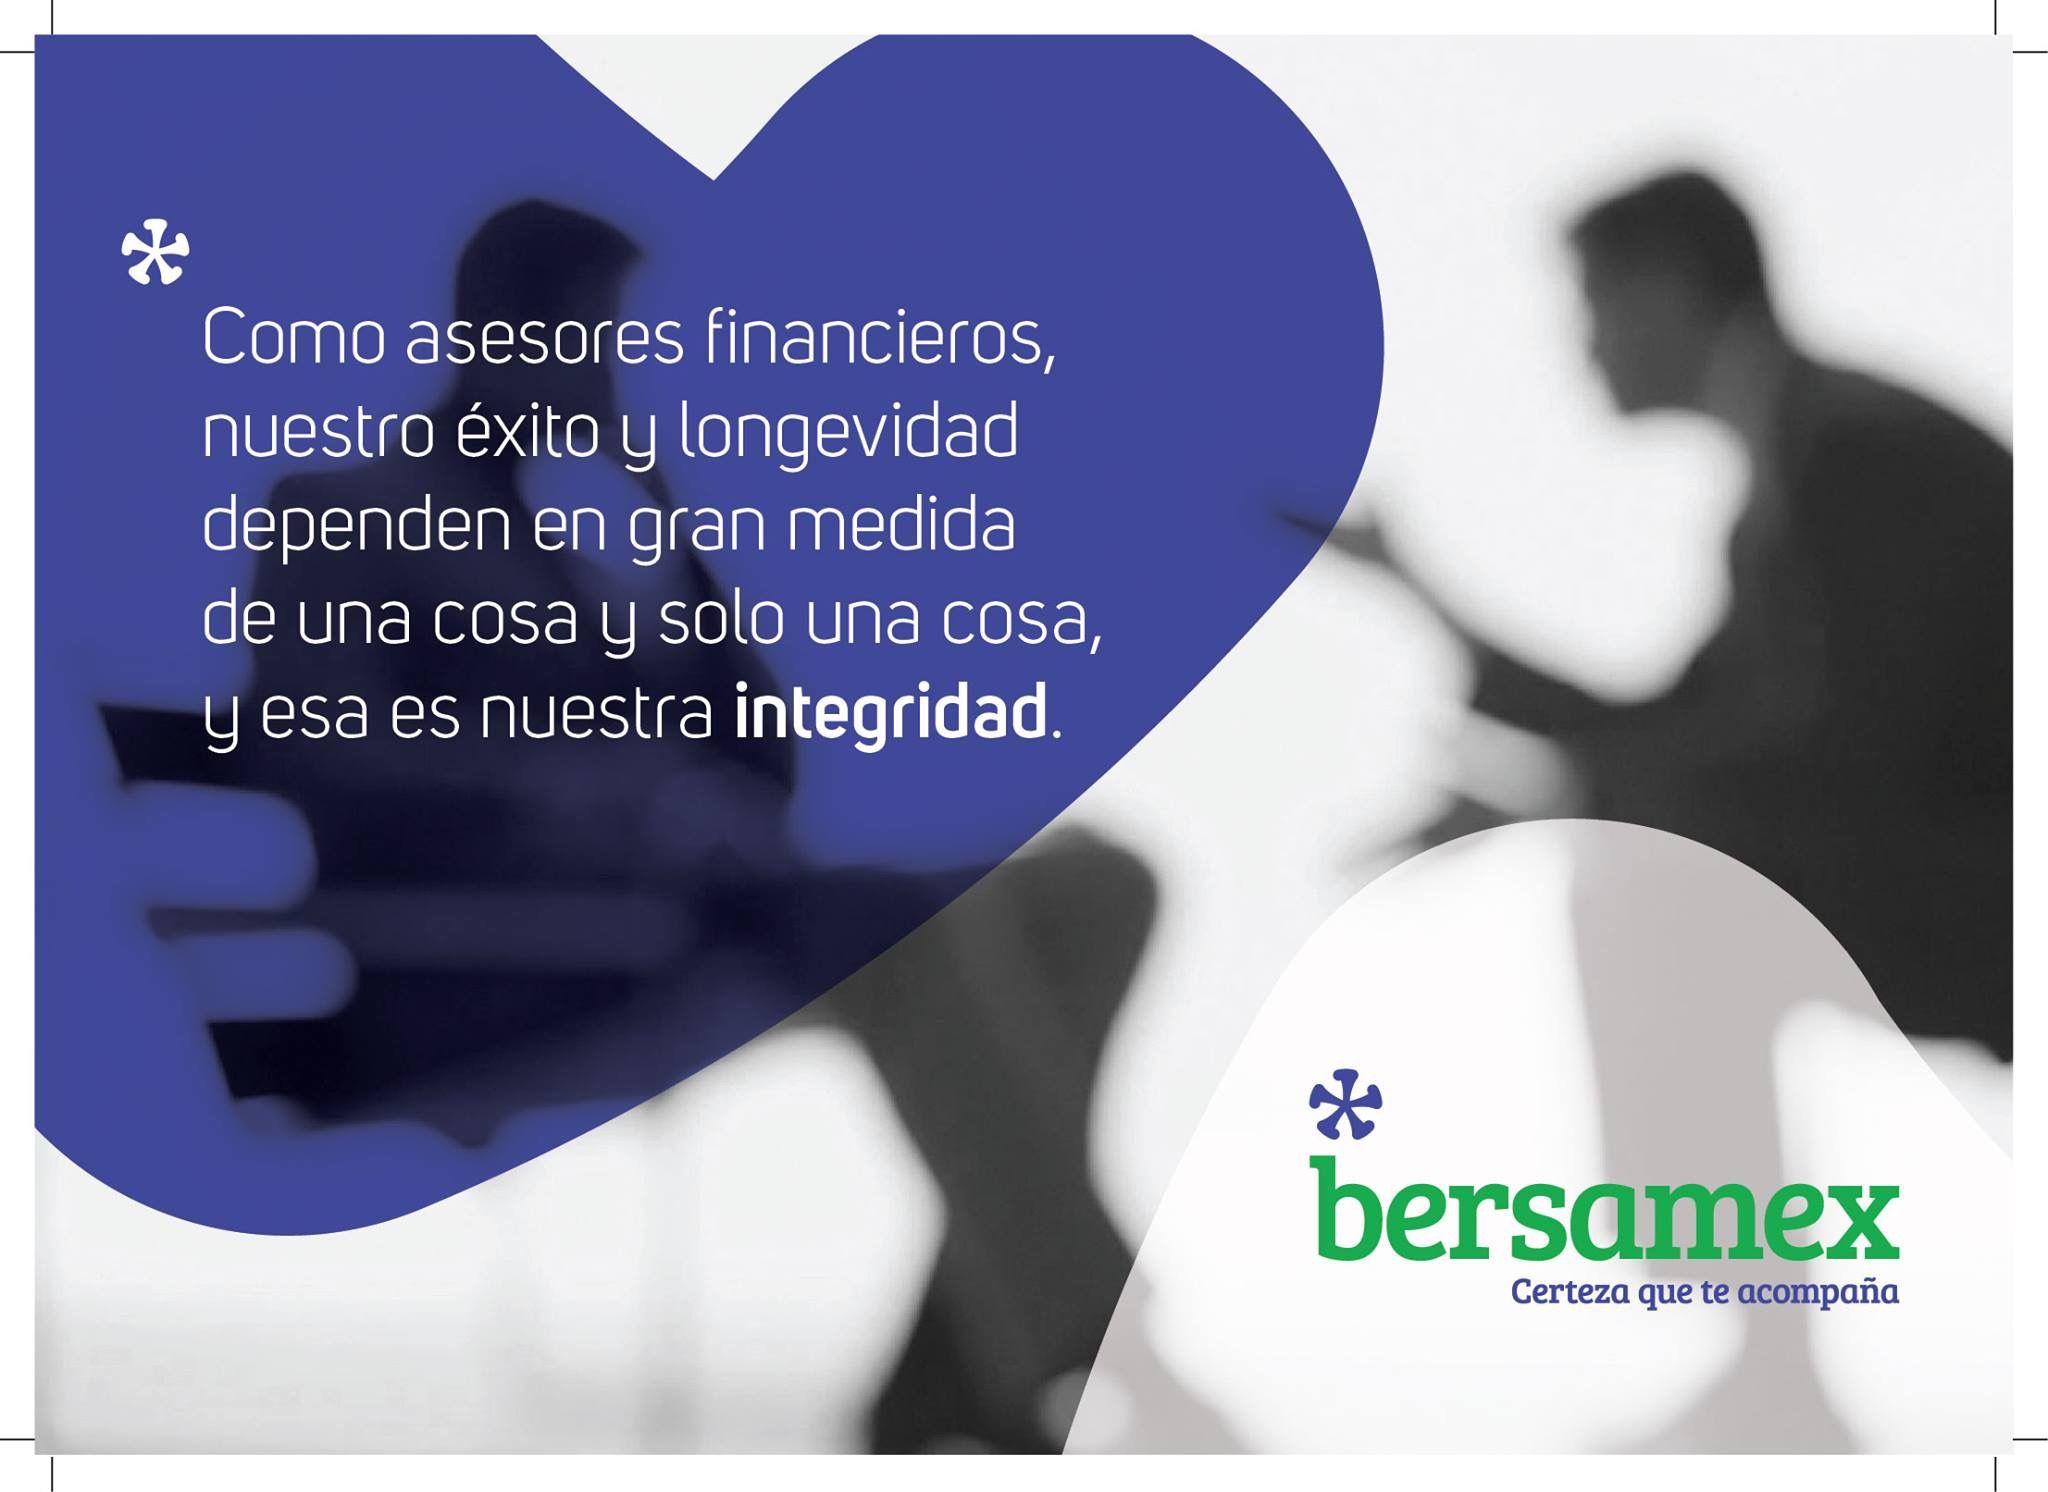 La Integridad es uno de nuestros principios fundamentales con nuestros clientes y colaboradores.